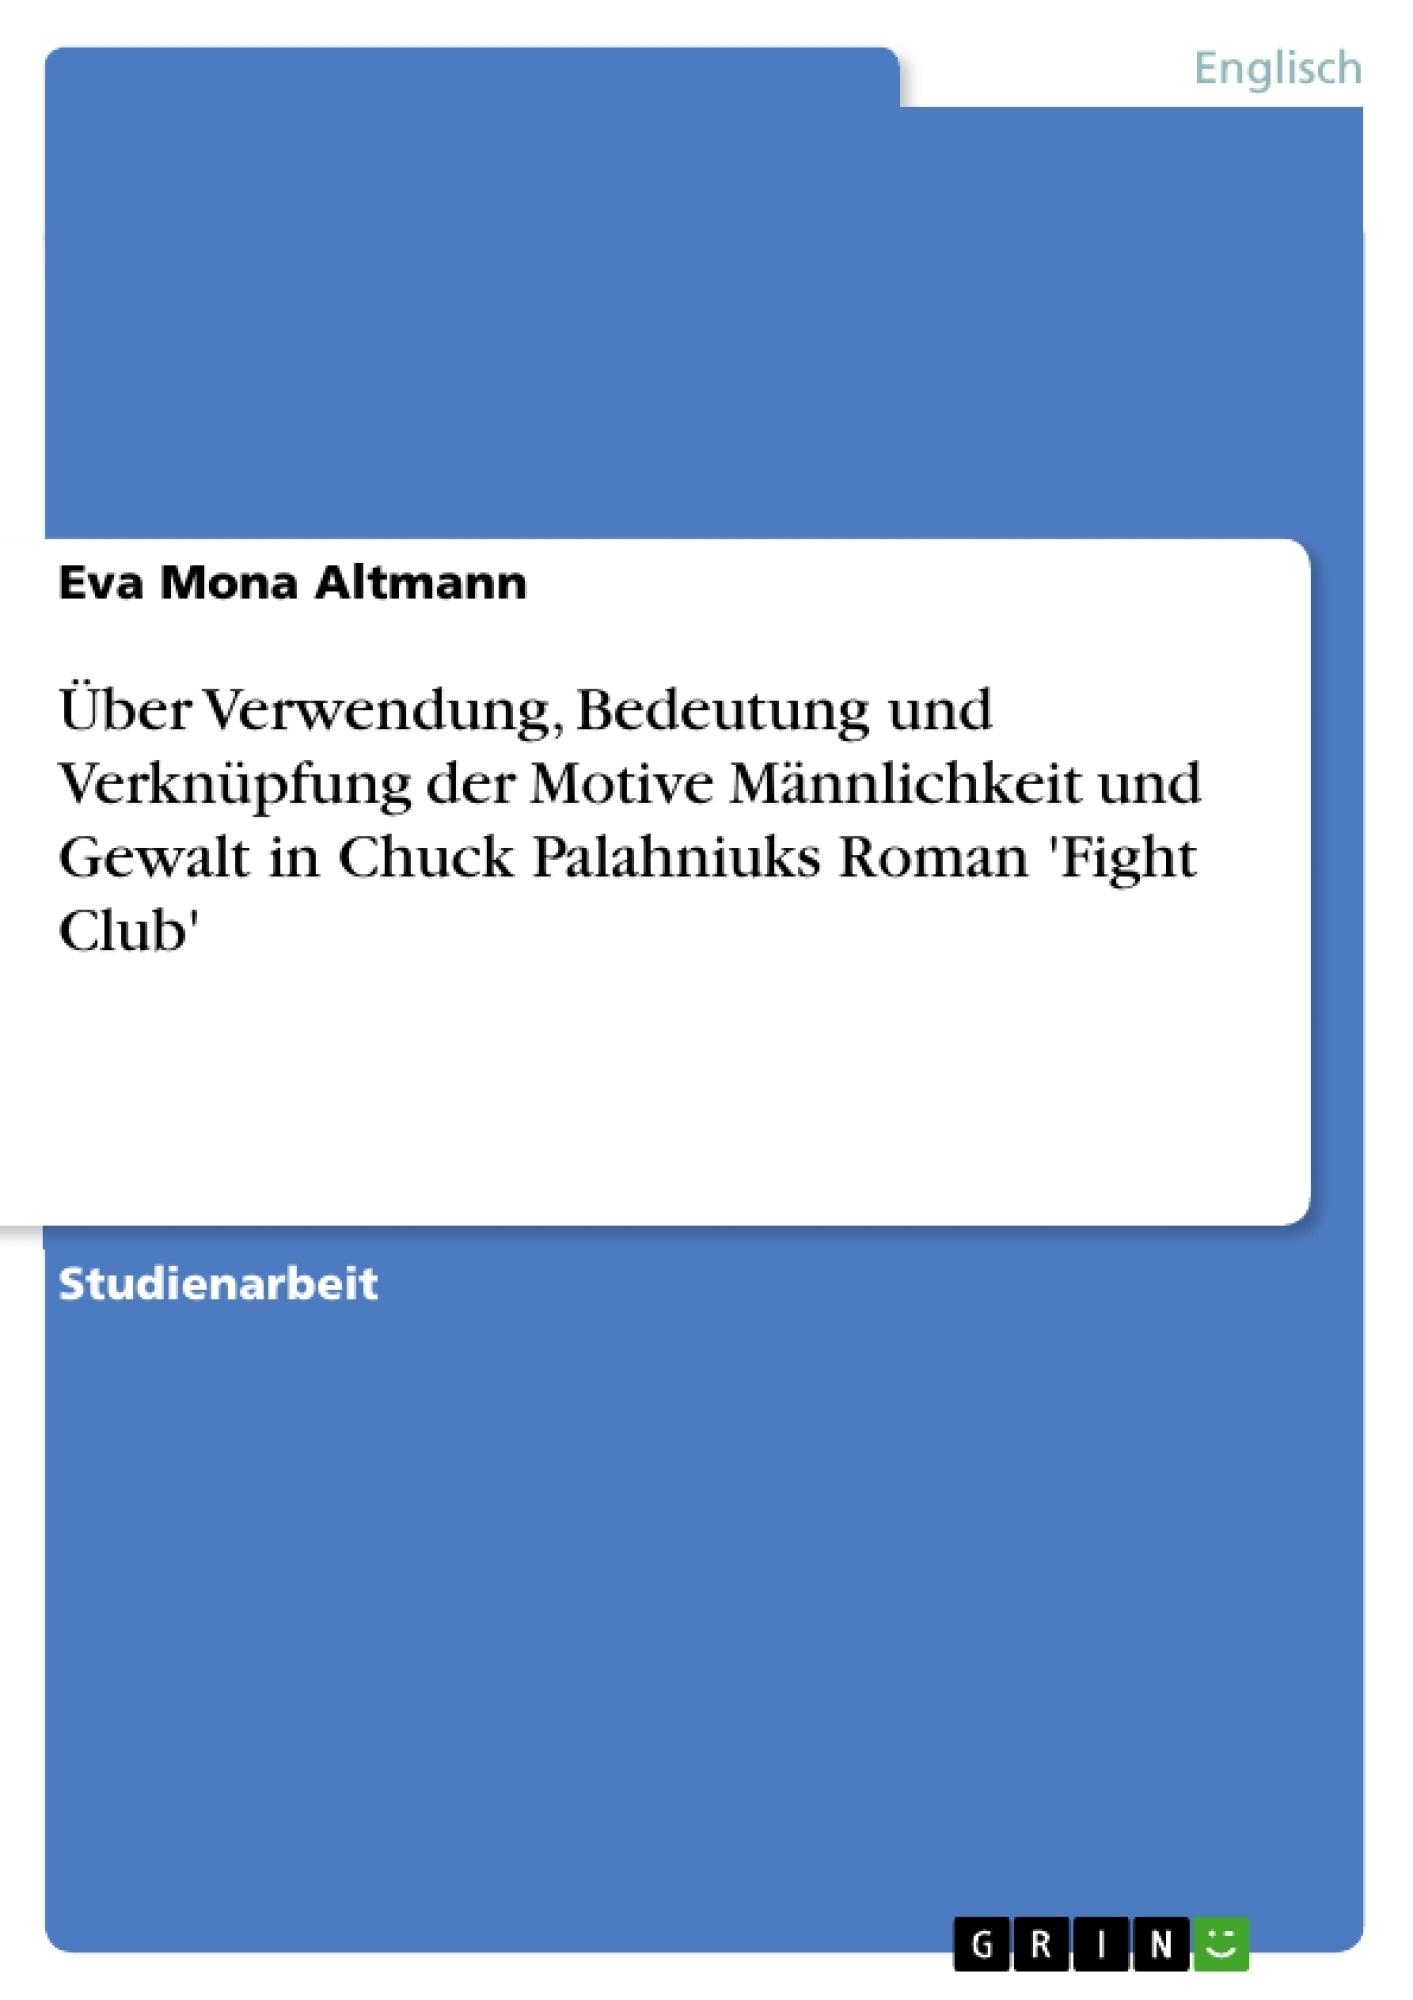 Titel: Über Verwendung, Bedeutung und Verknüpfung der Motive Männlichkeit und Gewalt in Chuck Palahniuks Roman 'Fight Club'